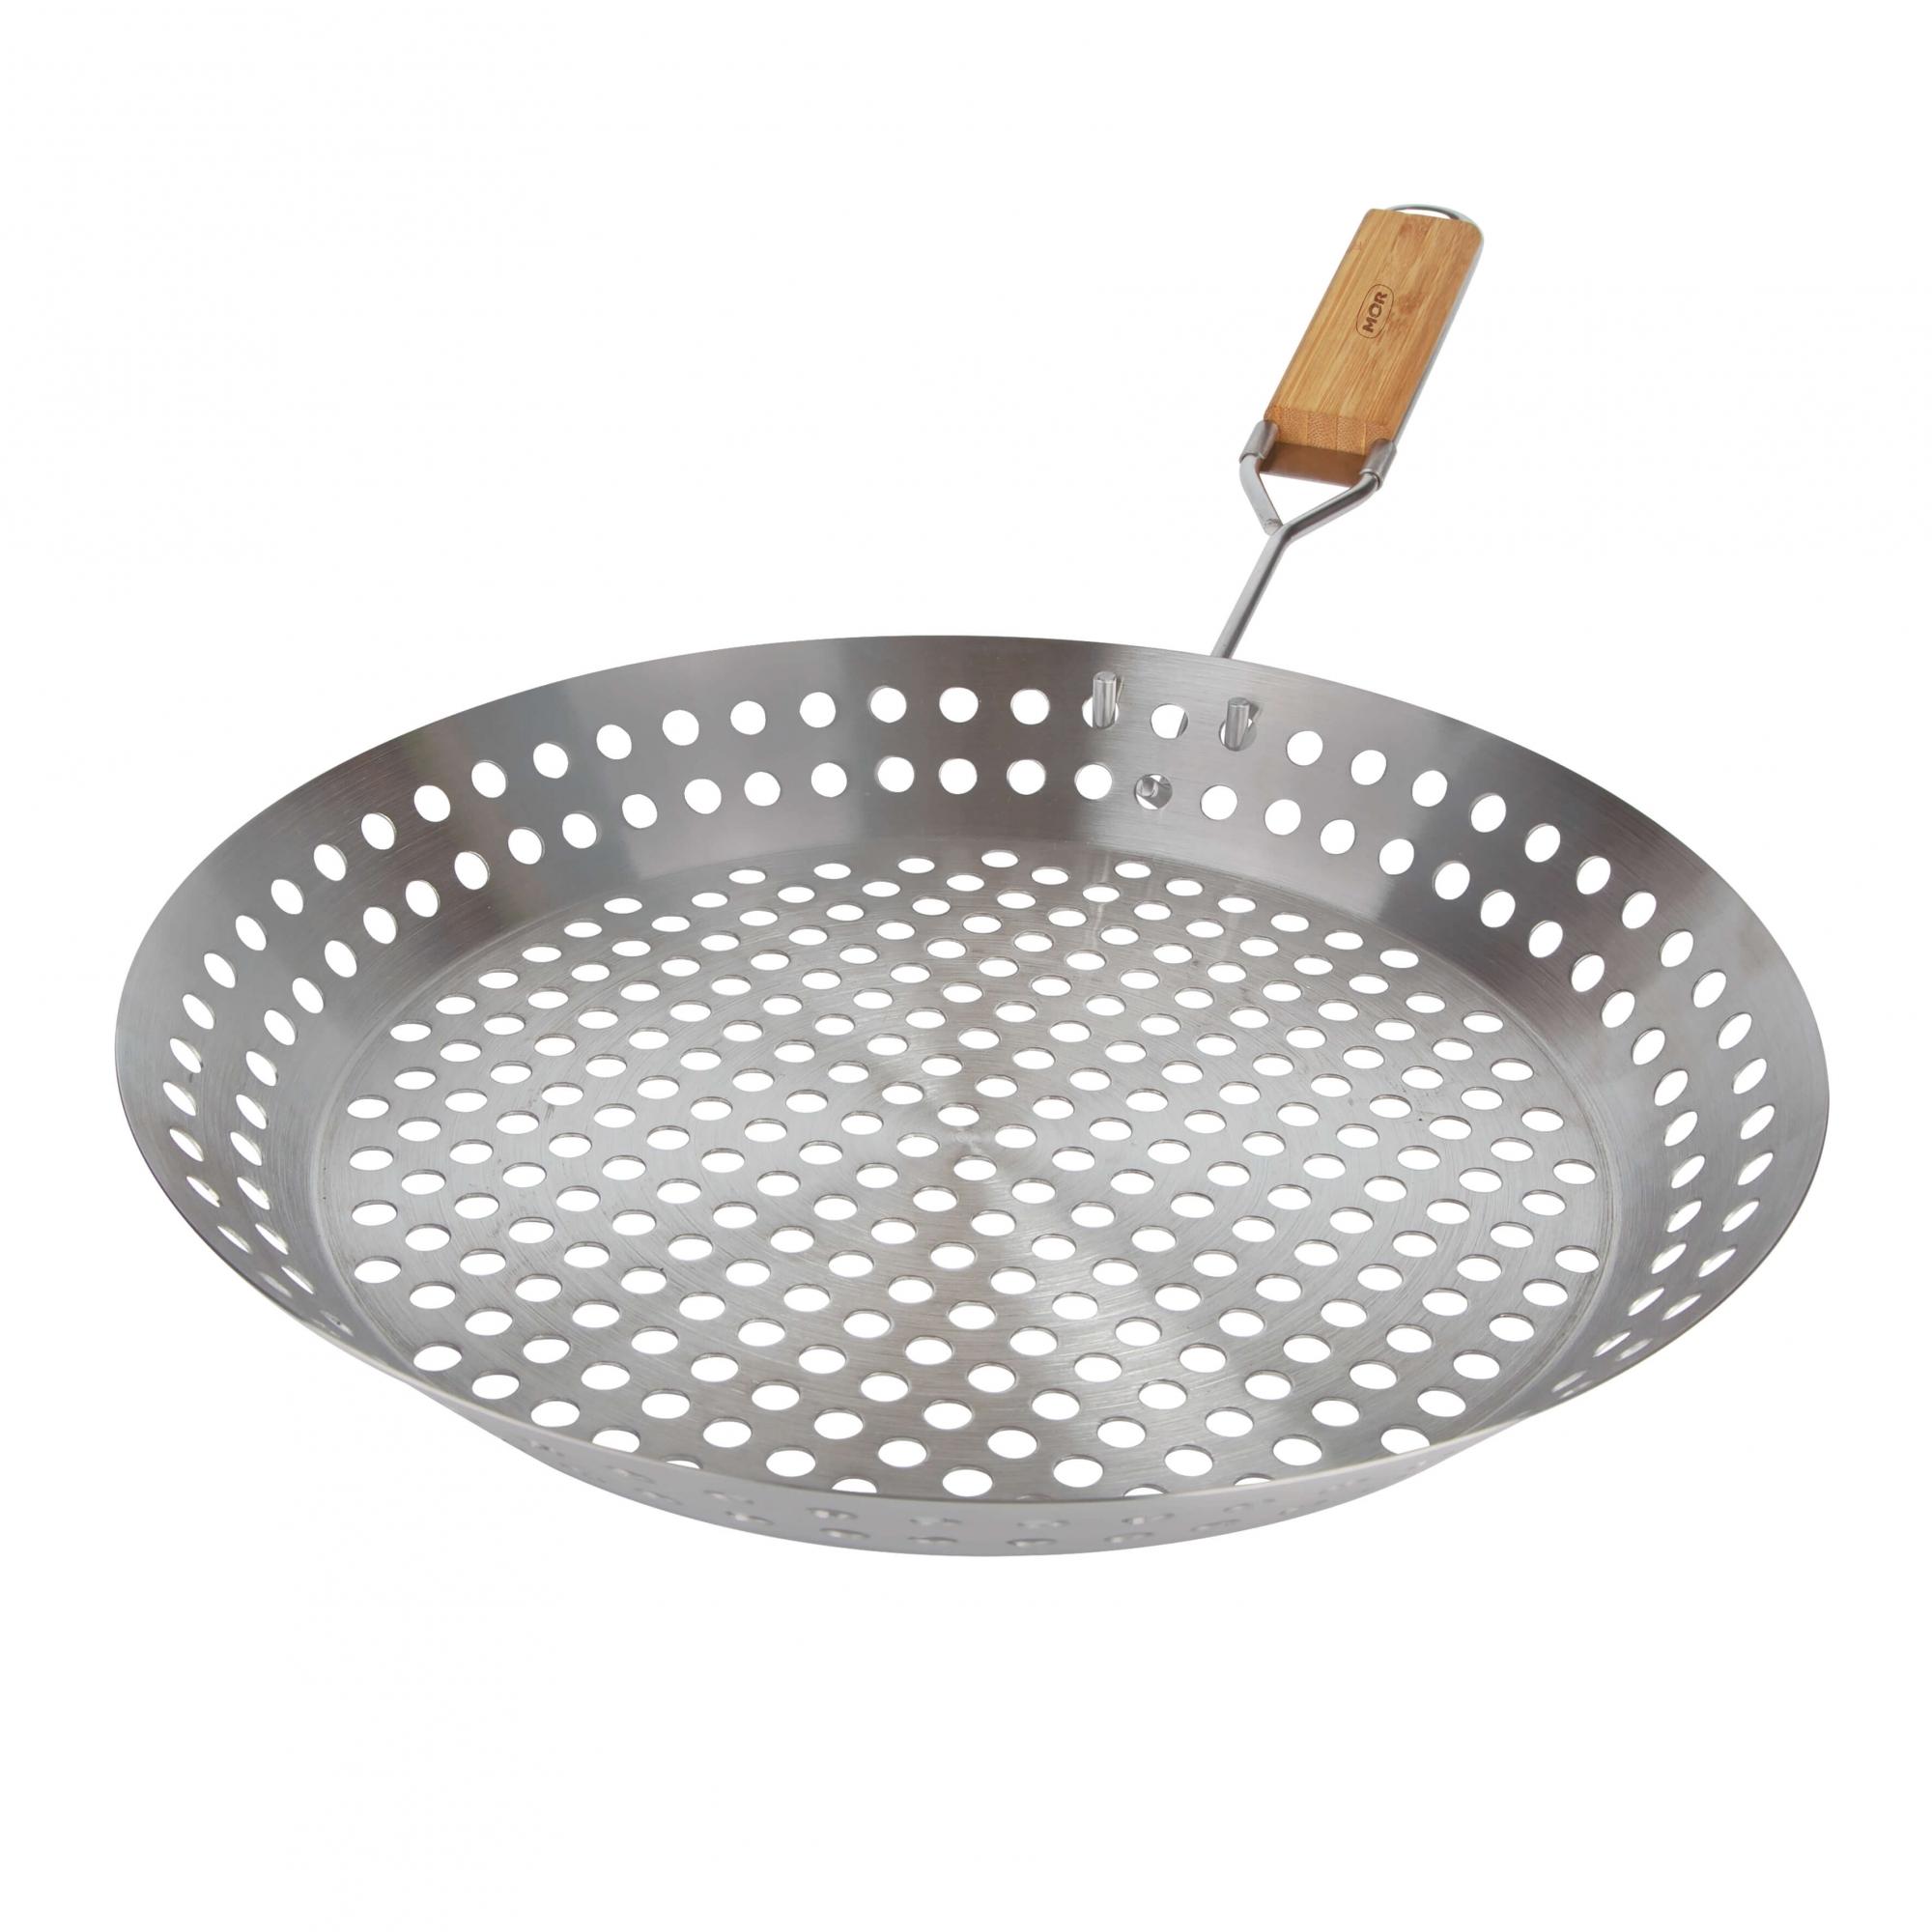 Frigideira Aço Inox 2 Em 1 Mor Para Grelhar Churrasco 30 Cm